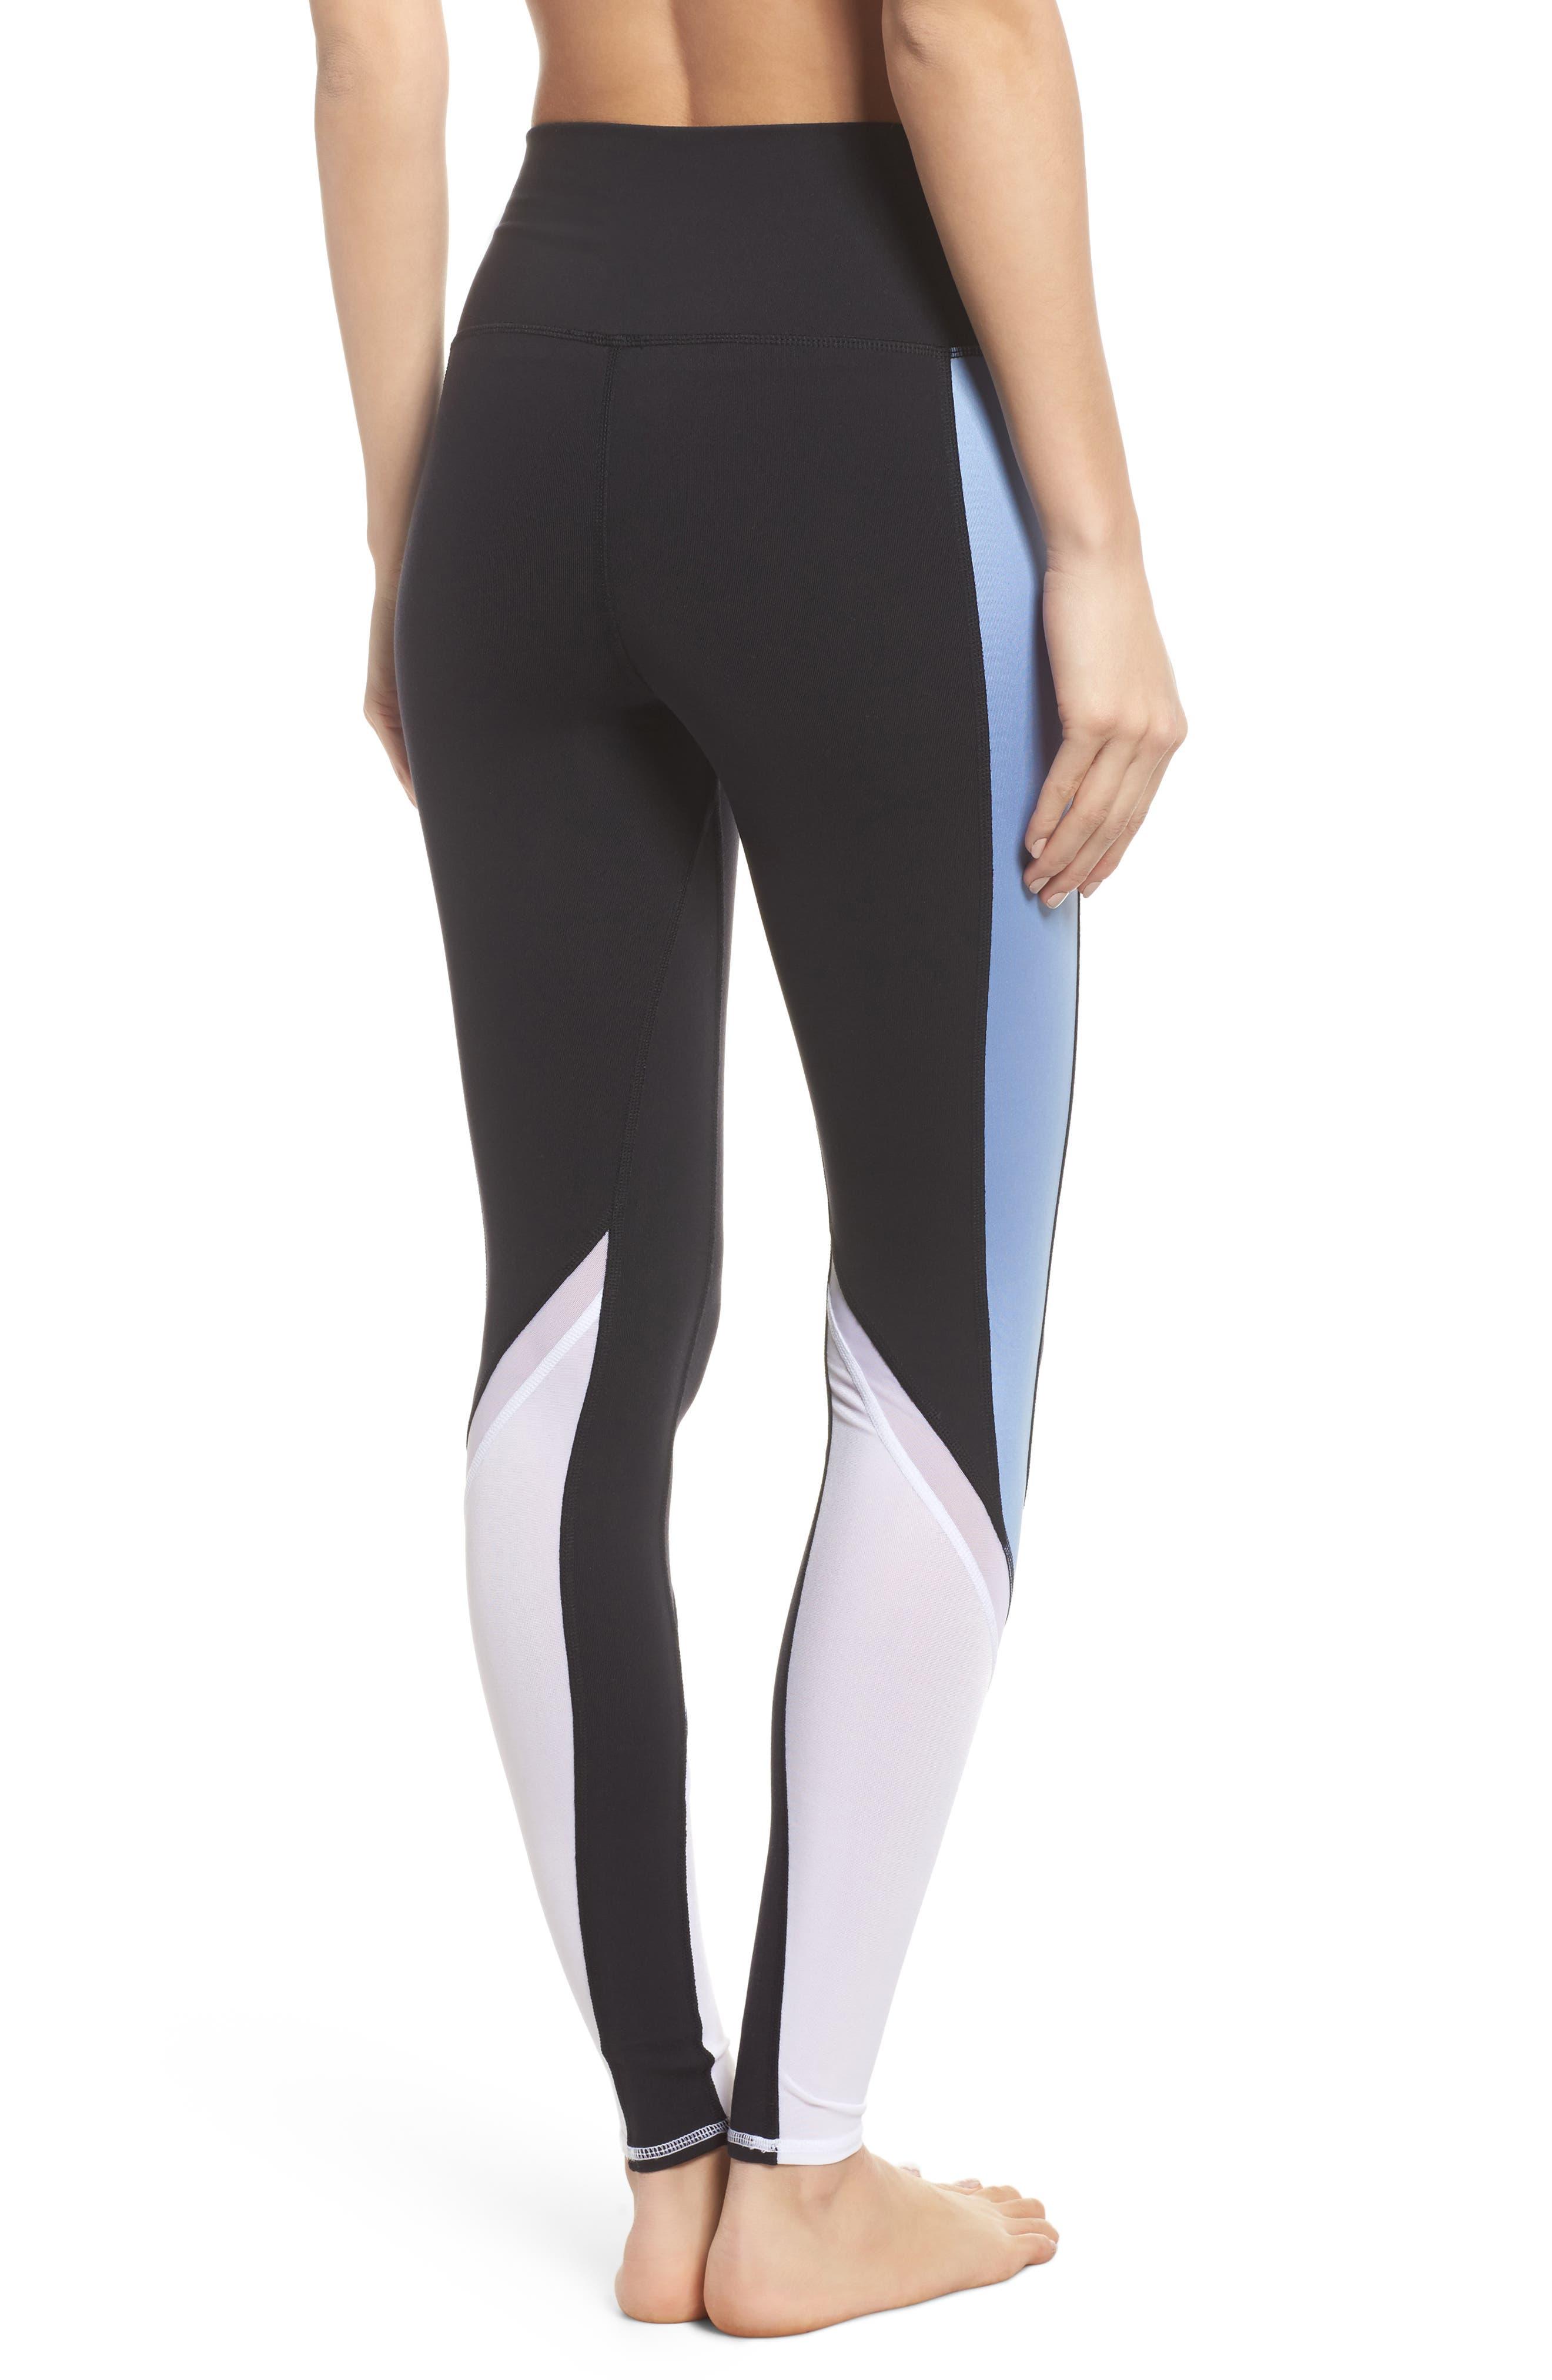 Elevate Leggings,                             Alternate thumbnail 2, color,                             Black/ Uv Blue Glossy/ White